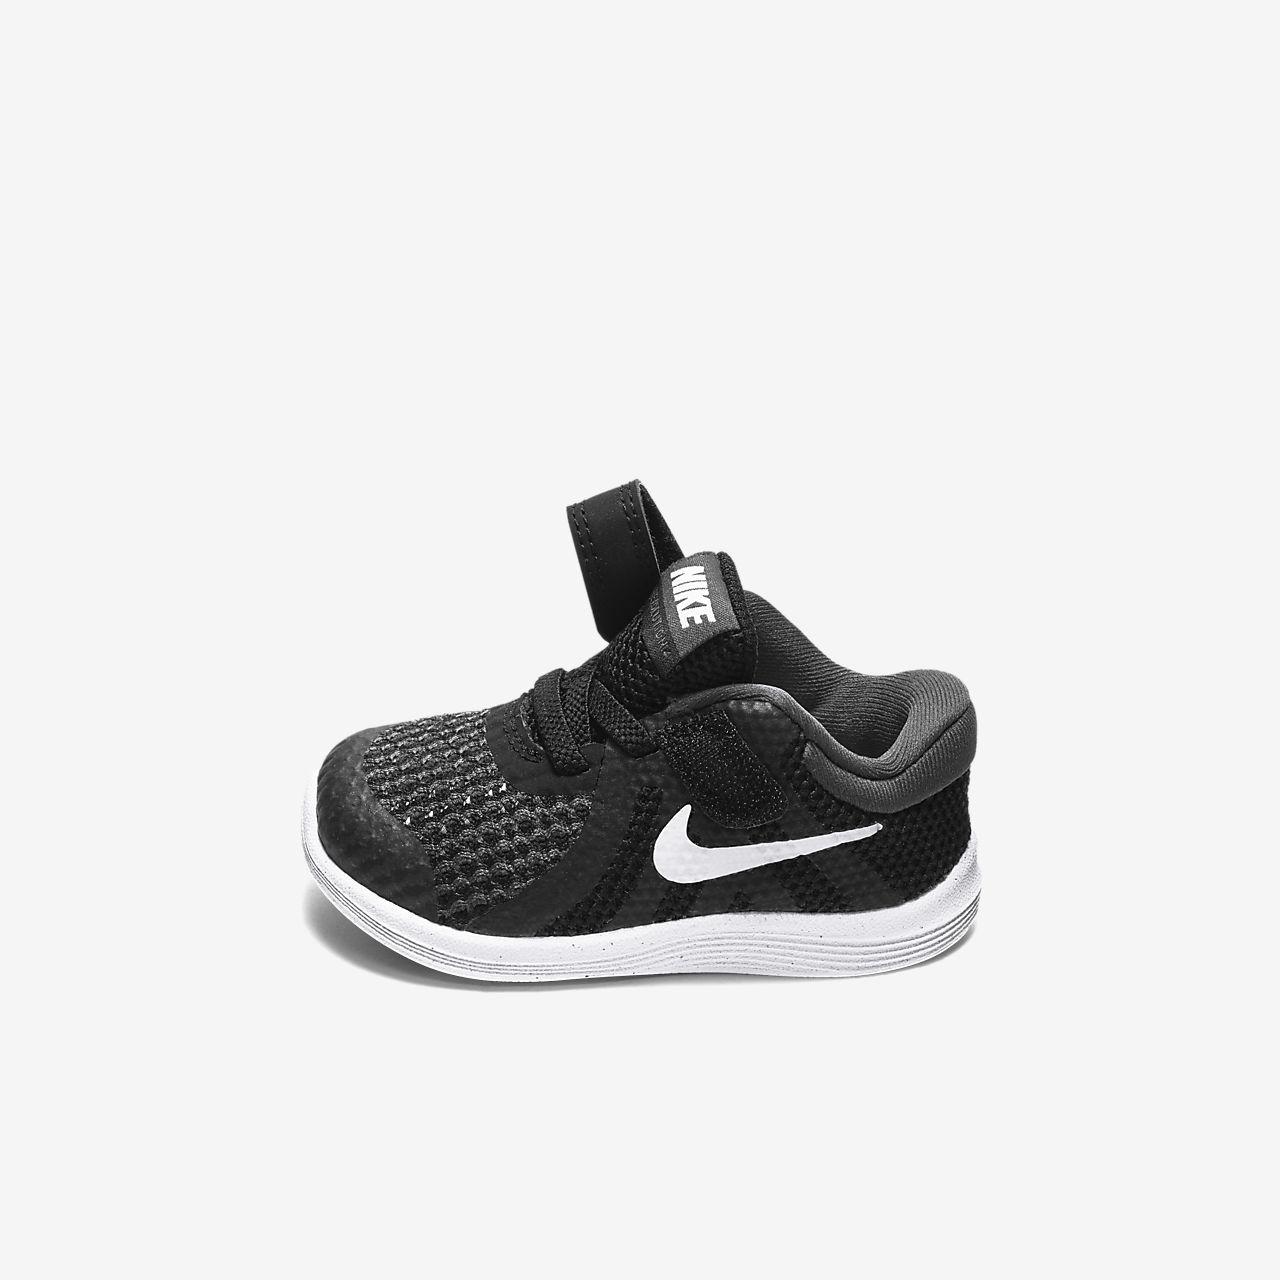 newest 0b8d1 53060 ... Chaussure Nike Revolution 4 pour Bébé Petit enfant